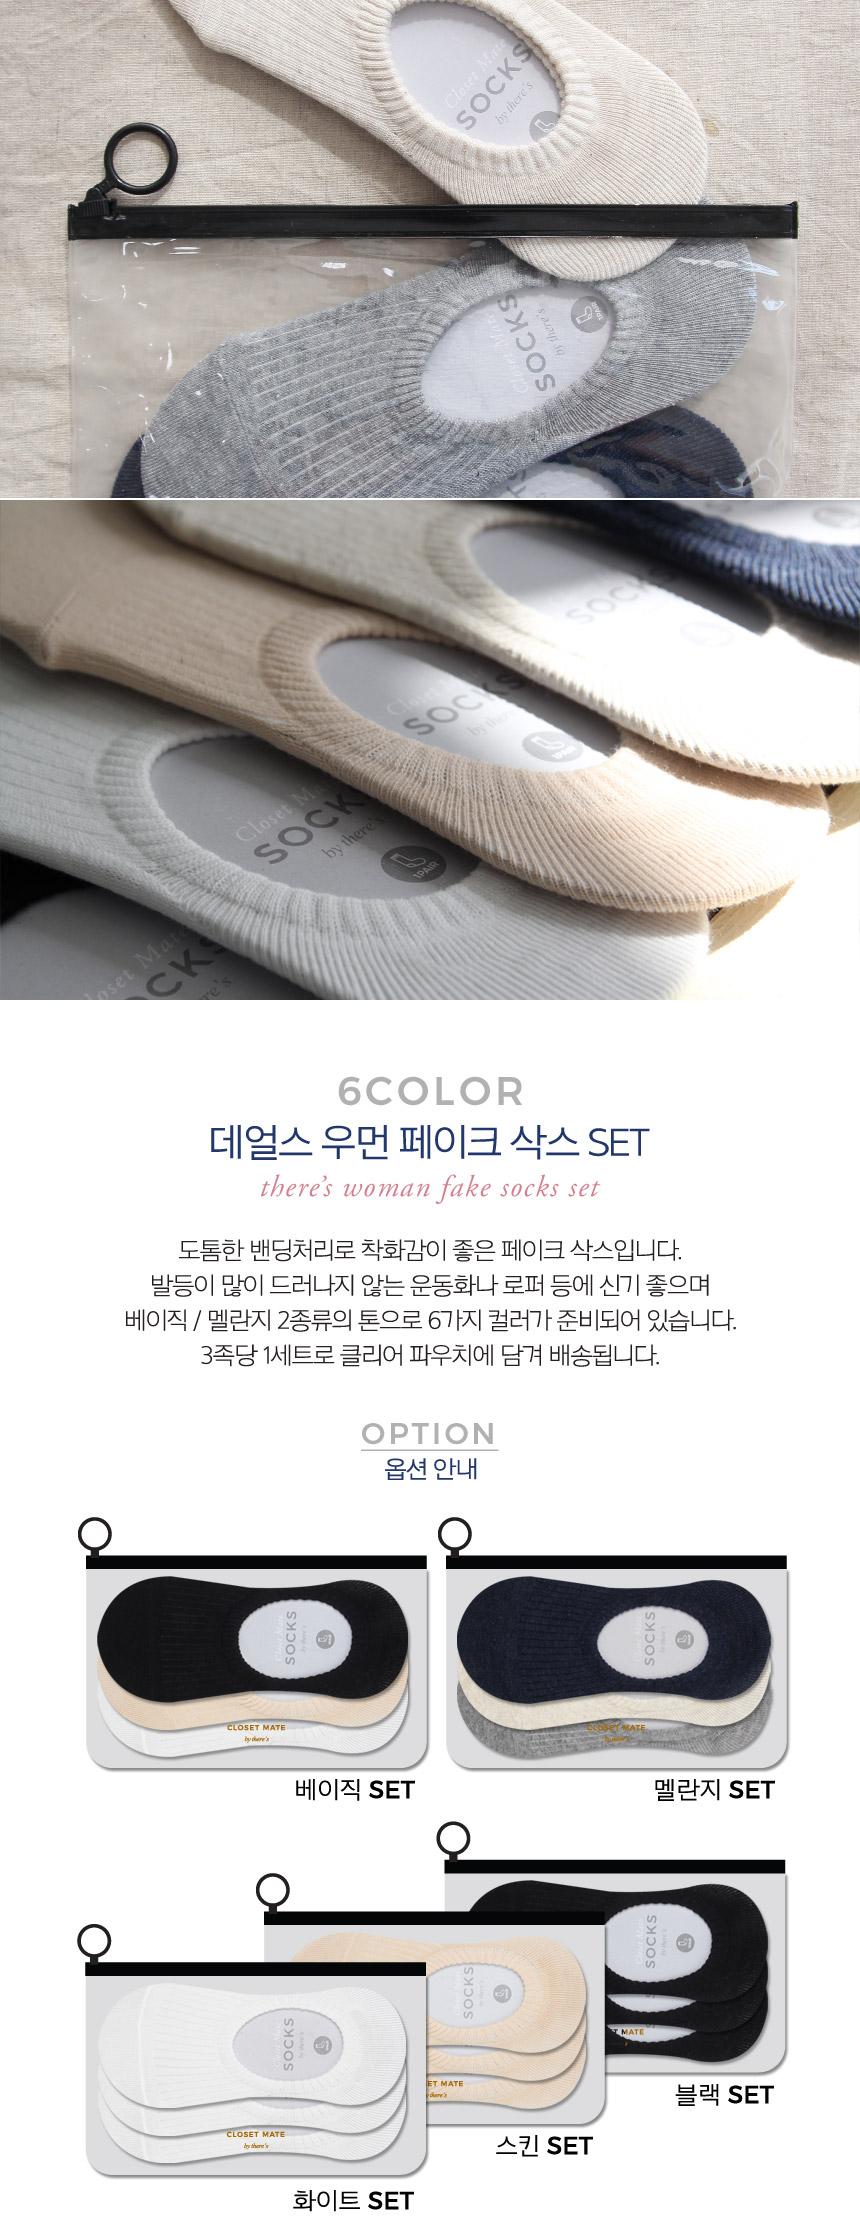 페이크삭스 파우치 세트 3족 - 데얼스, 5,200원, 여성양말, 페이크삭스